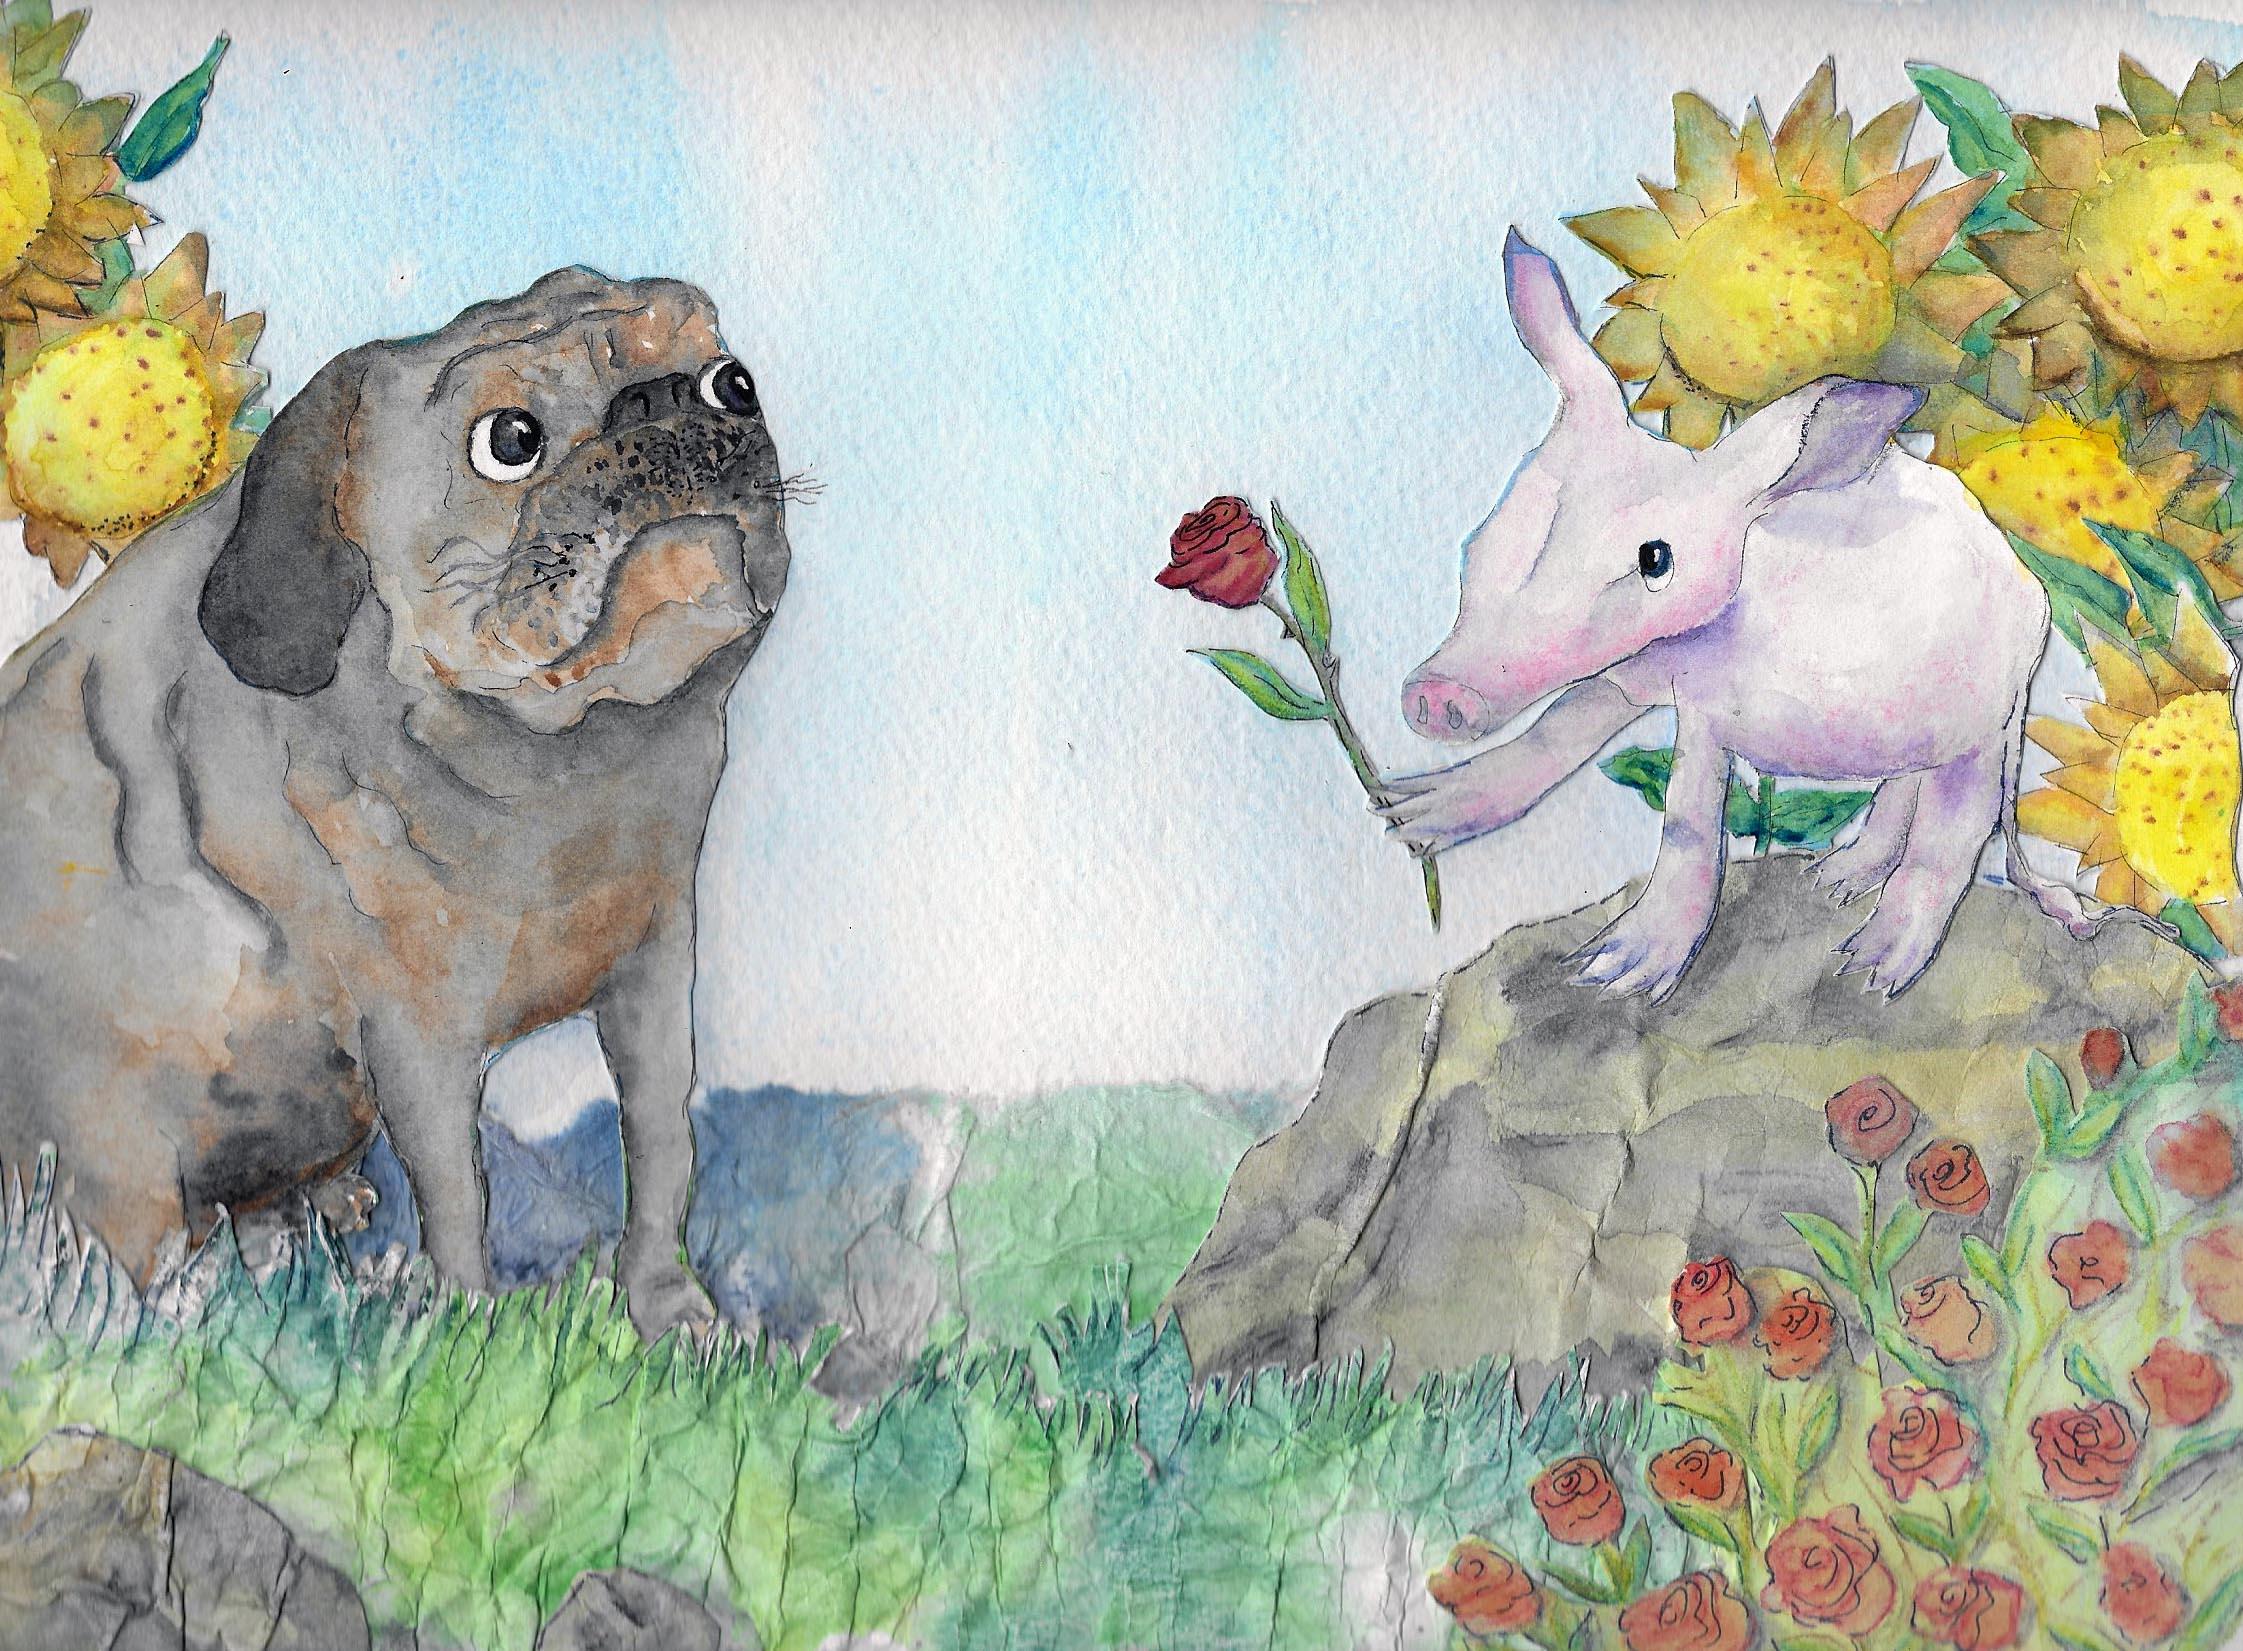 Aardvark Offering